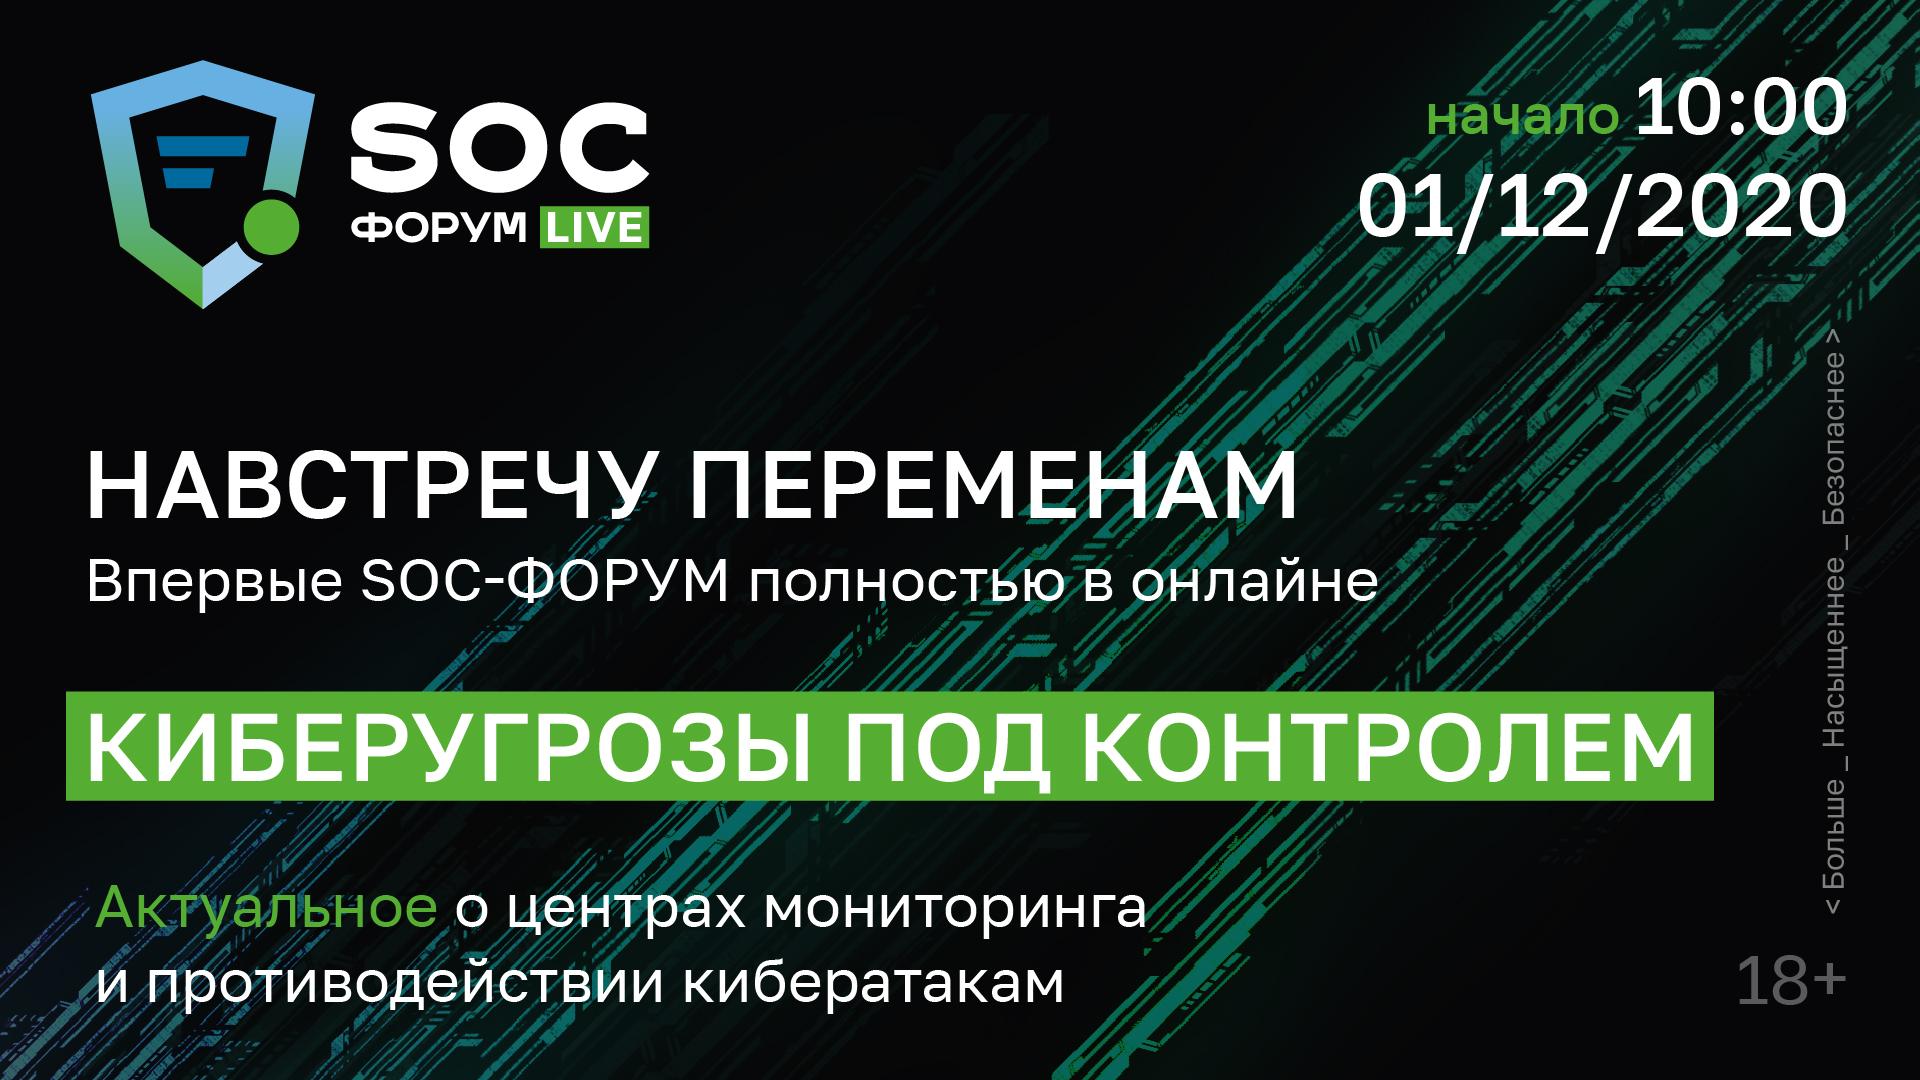 SOC-форум LIVE пройдет 1 декабря. Не пропустите!